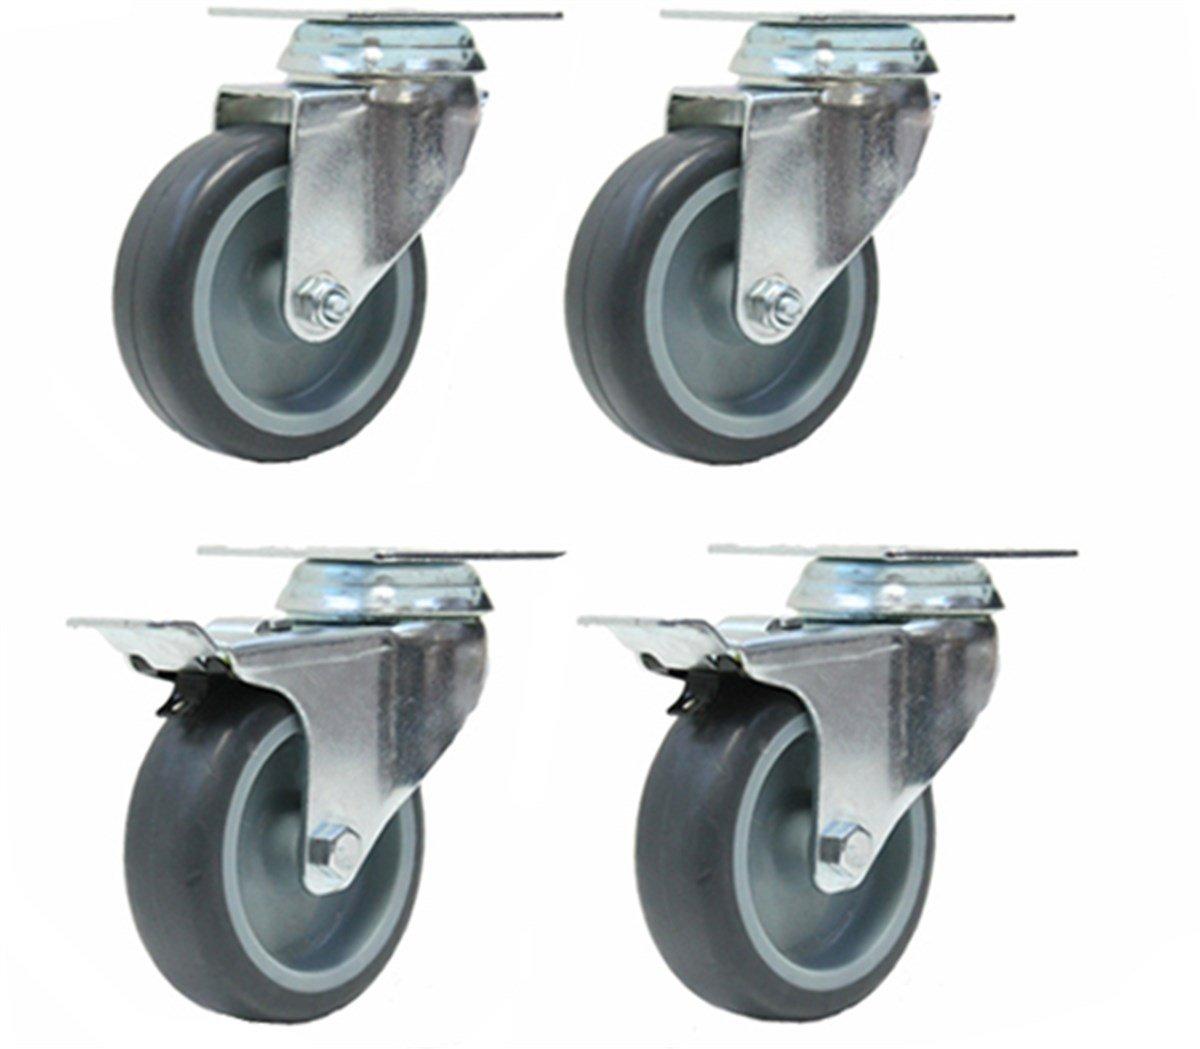 Ensemble de quatre roulettes en caoutchouc gris 2 roues pivotantes et 2 freiné es Unbranded